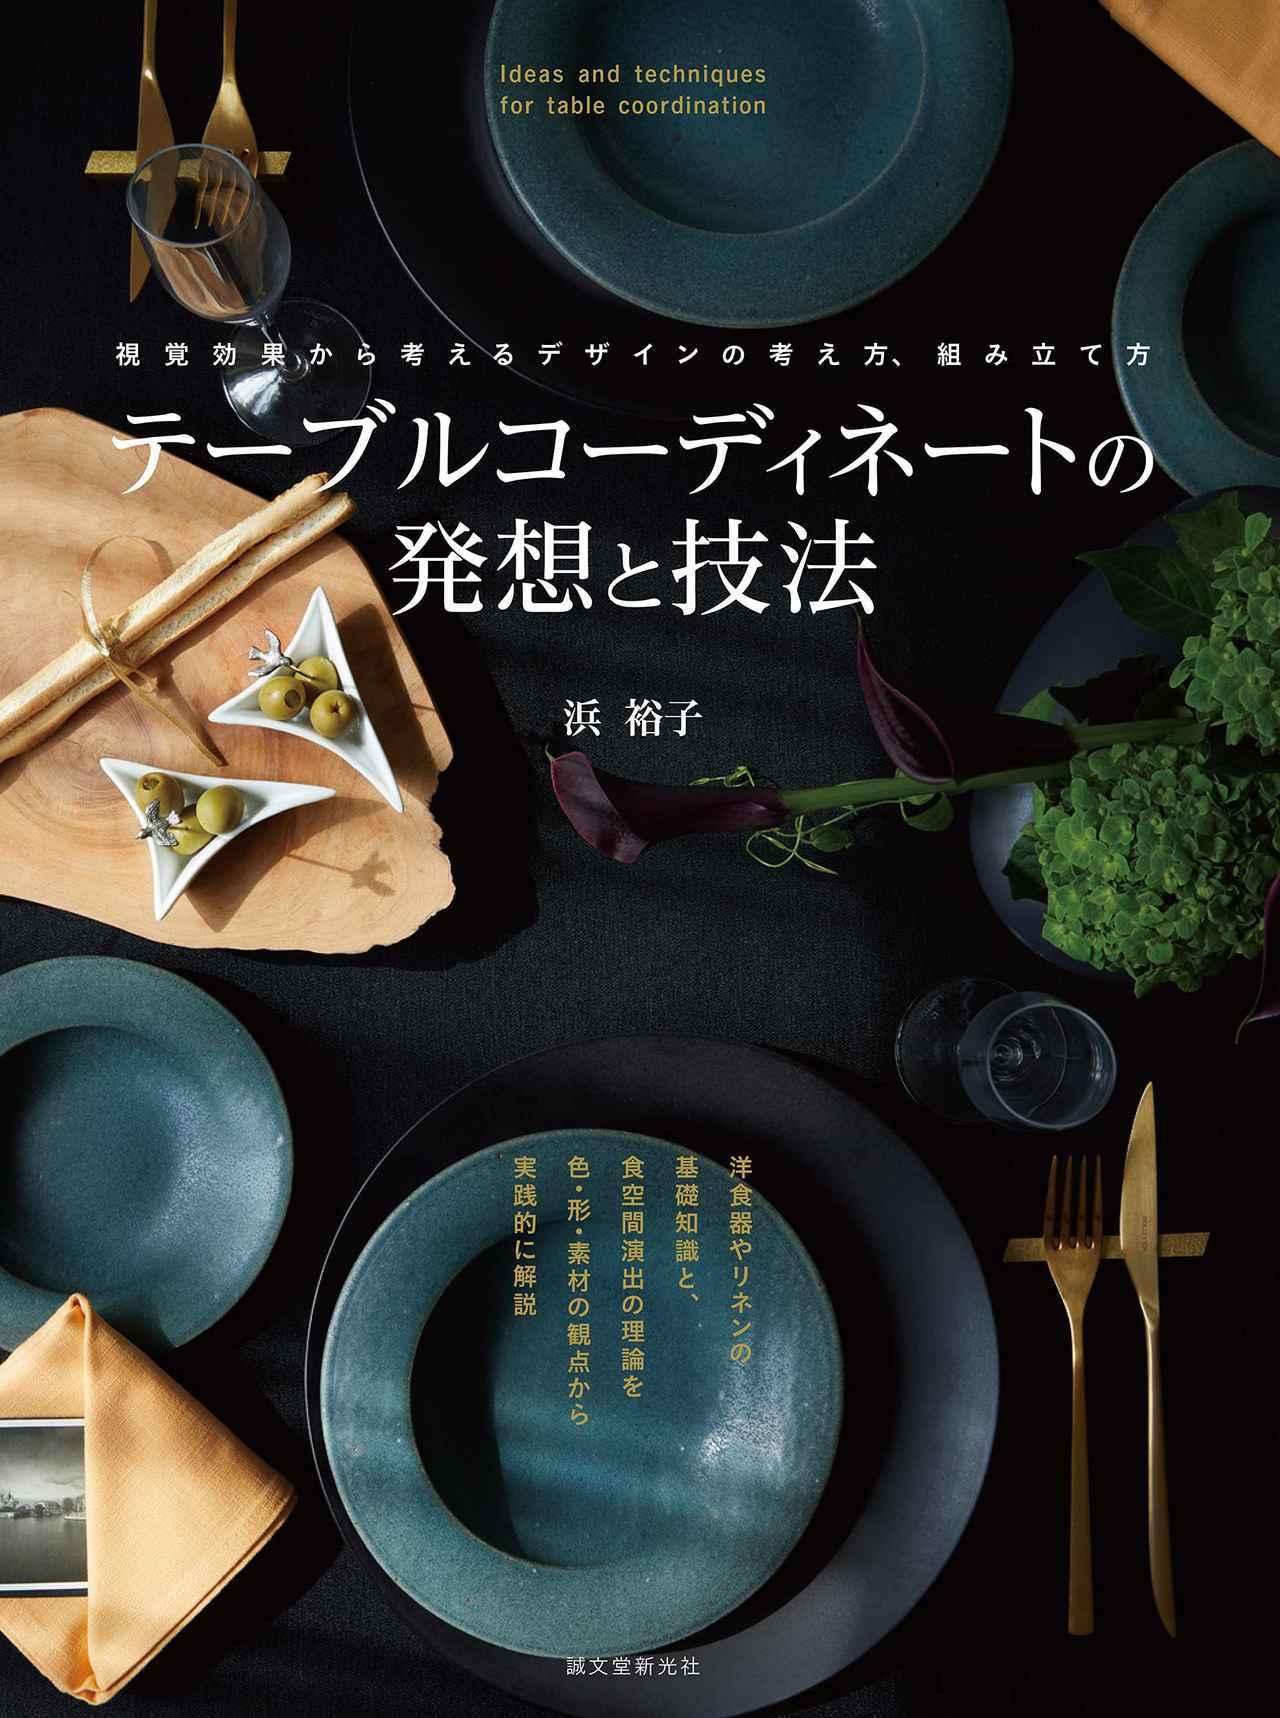 画像: 『テーブルコーディネートの発想と技法』〜WK Library お勧めブックガイド〜